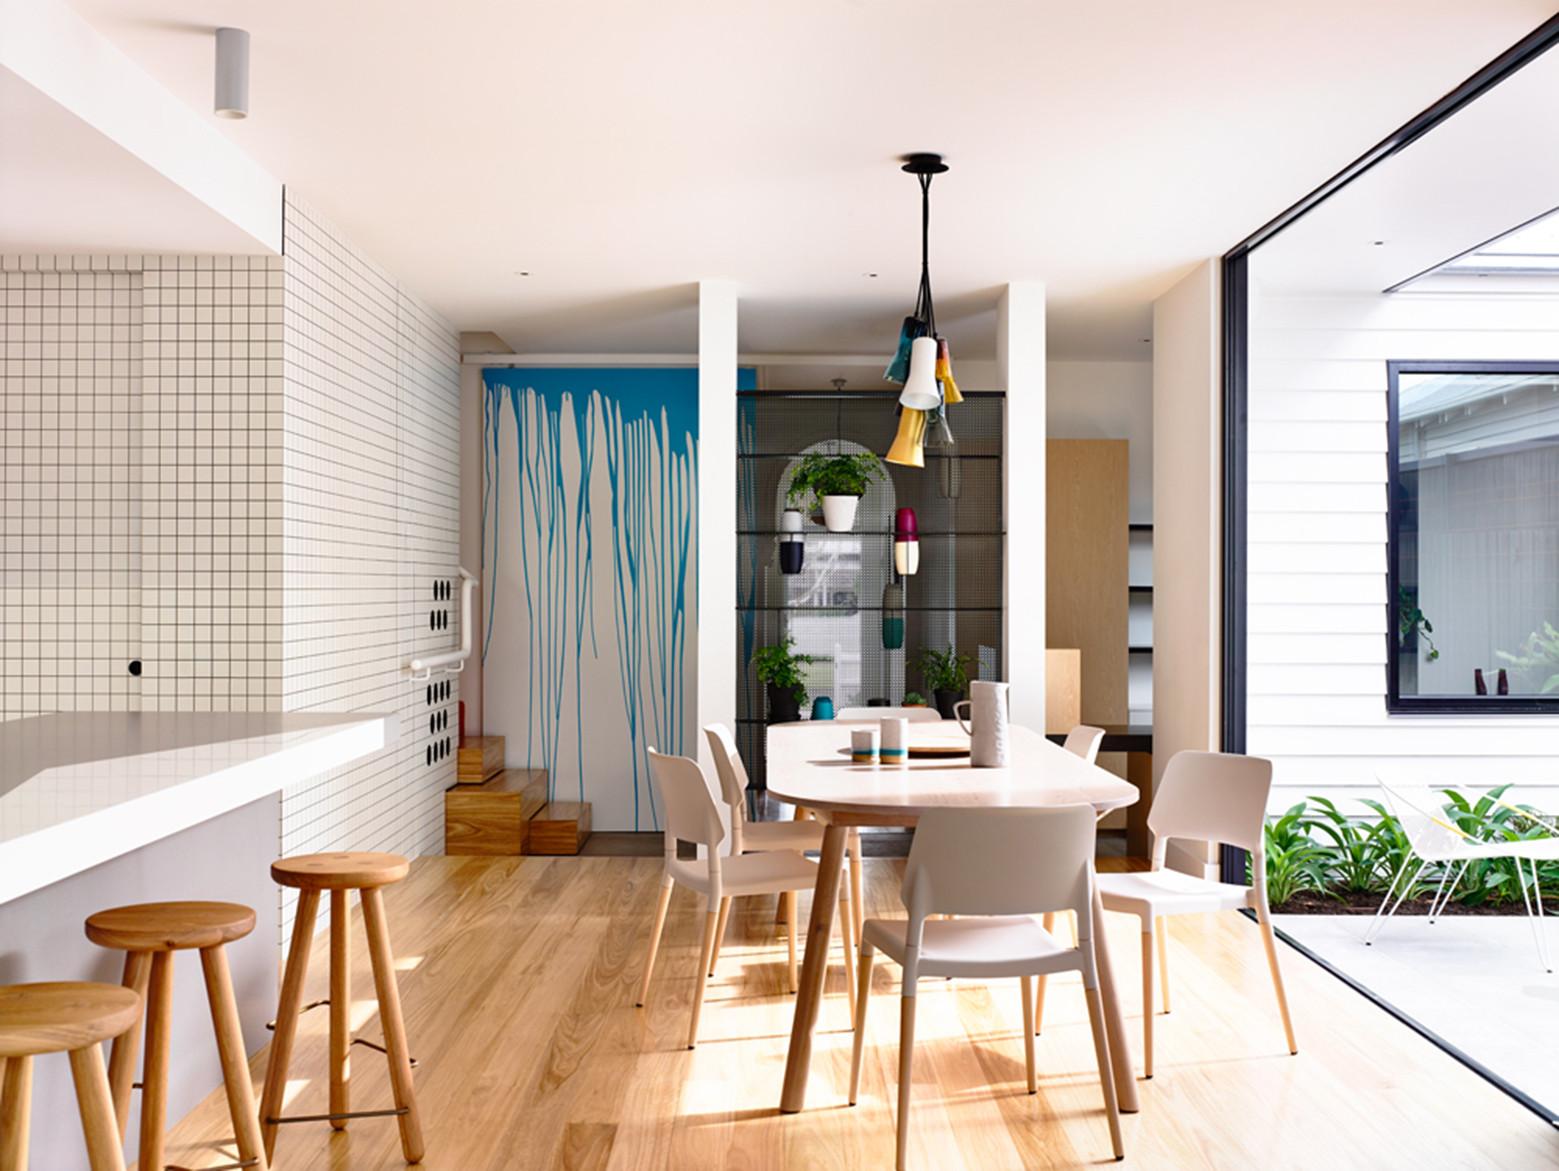 Gallery of Sandringham House Techne ArchitectureInterior Design